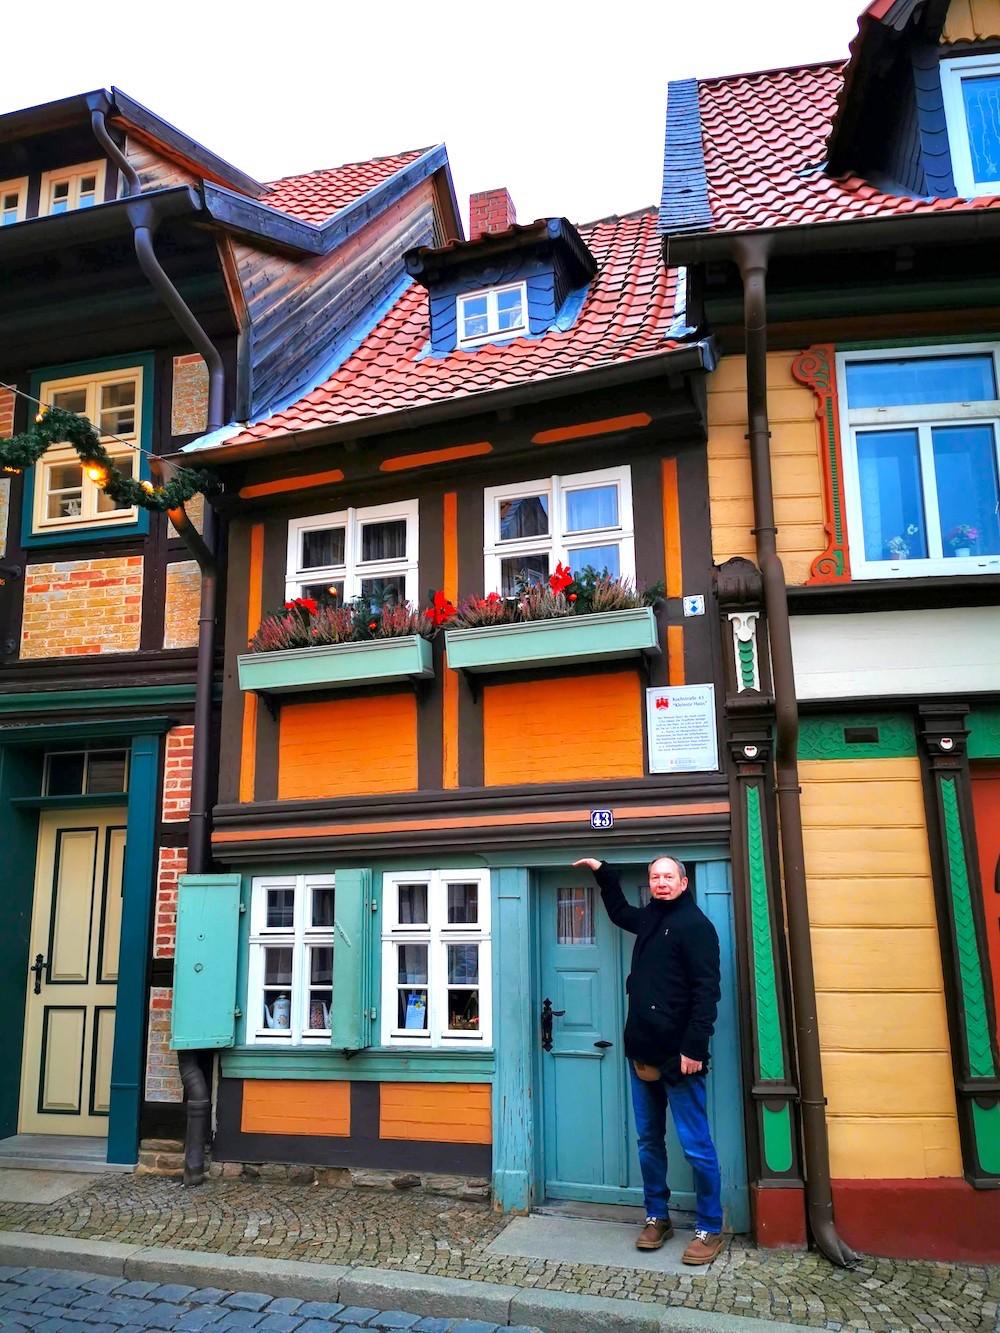 Kleinestes Haus in Wernigerode